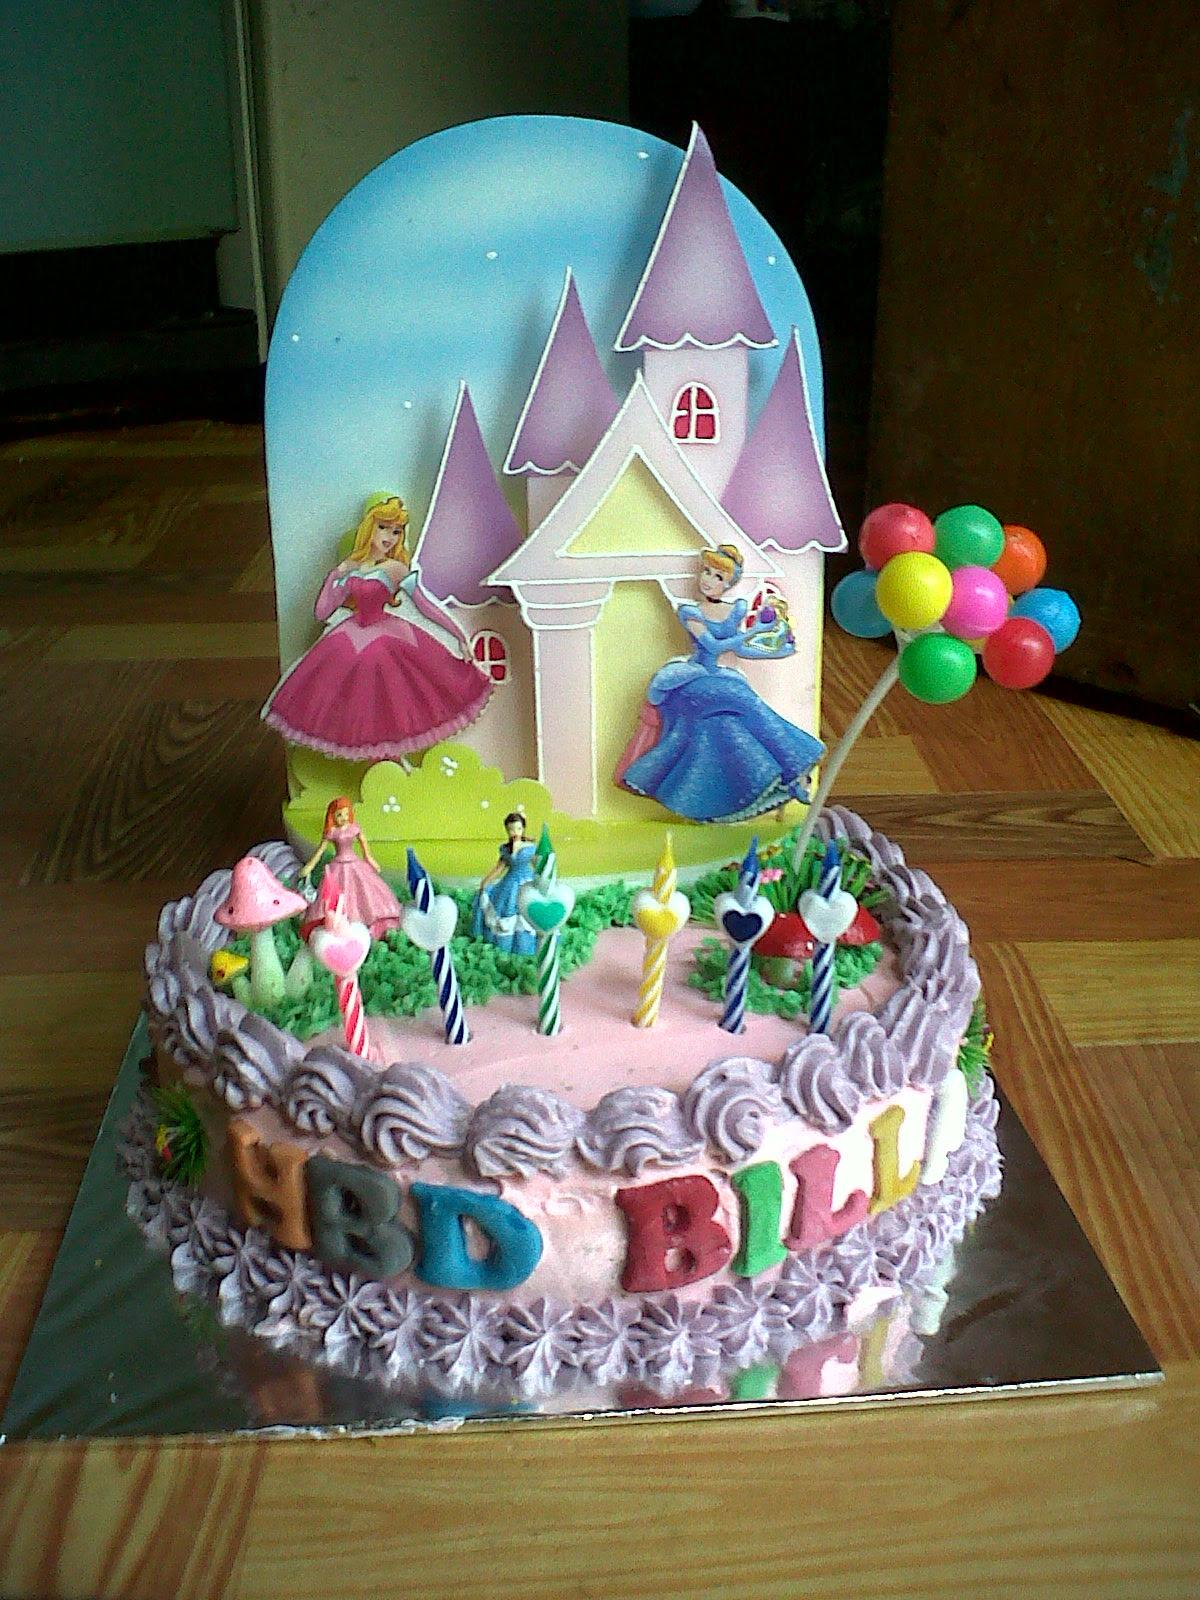 Contoh Gambar Kue Ulang Tahun Hontoh